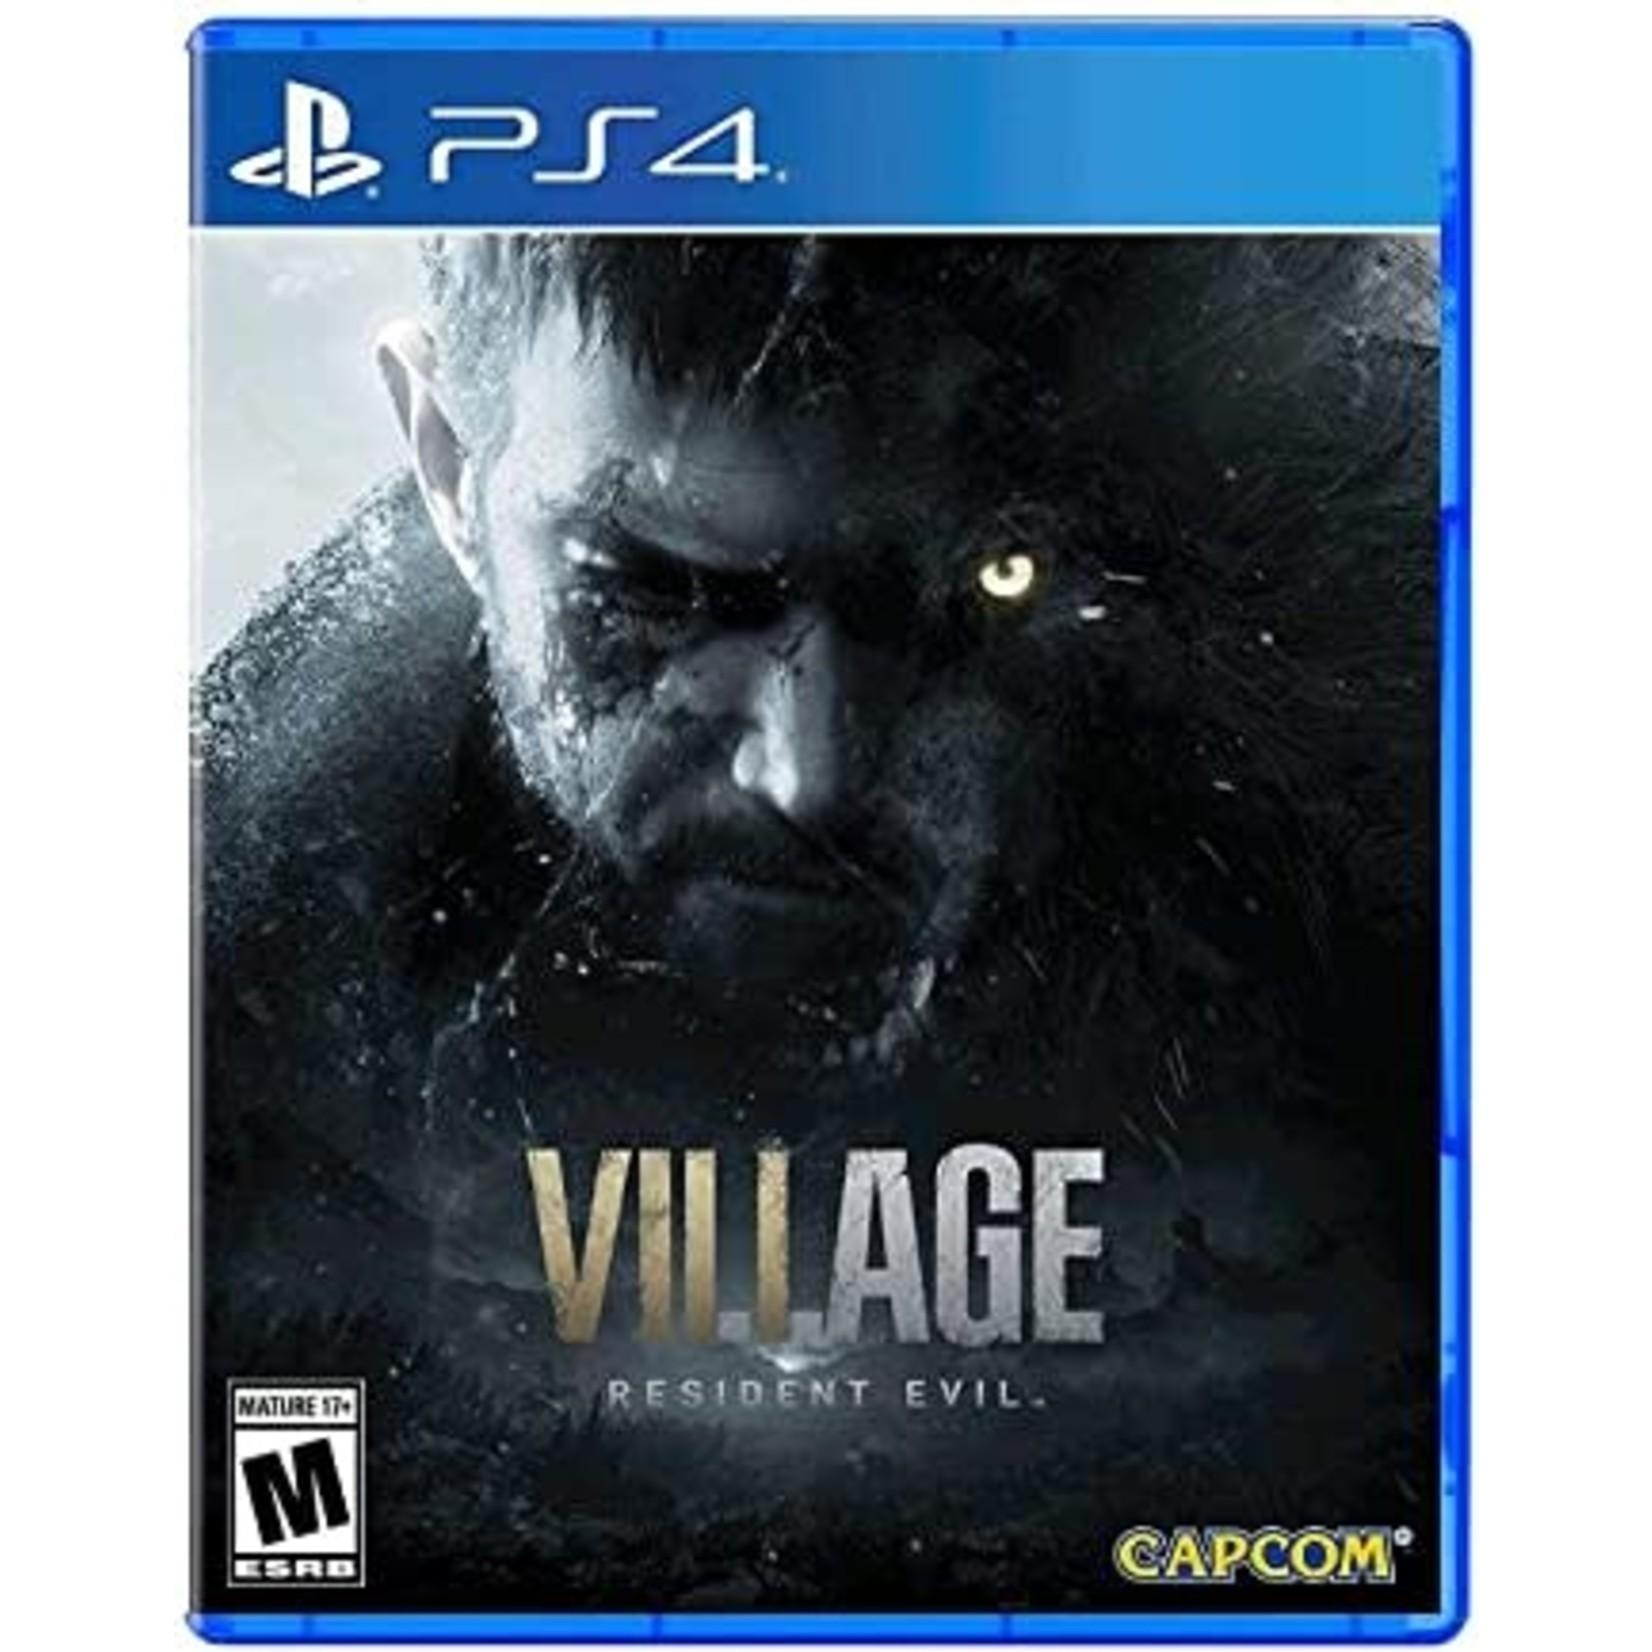 PS4-Resident Evil Village